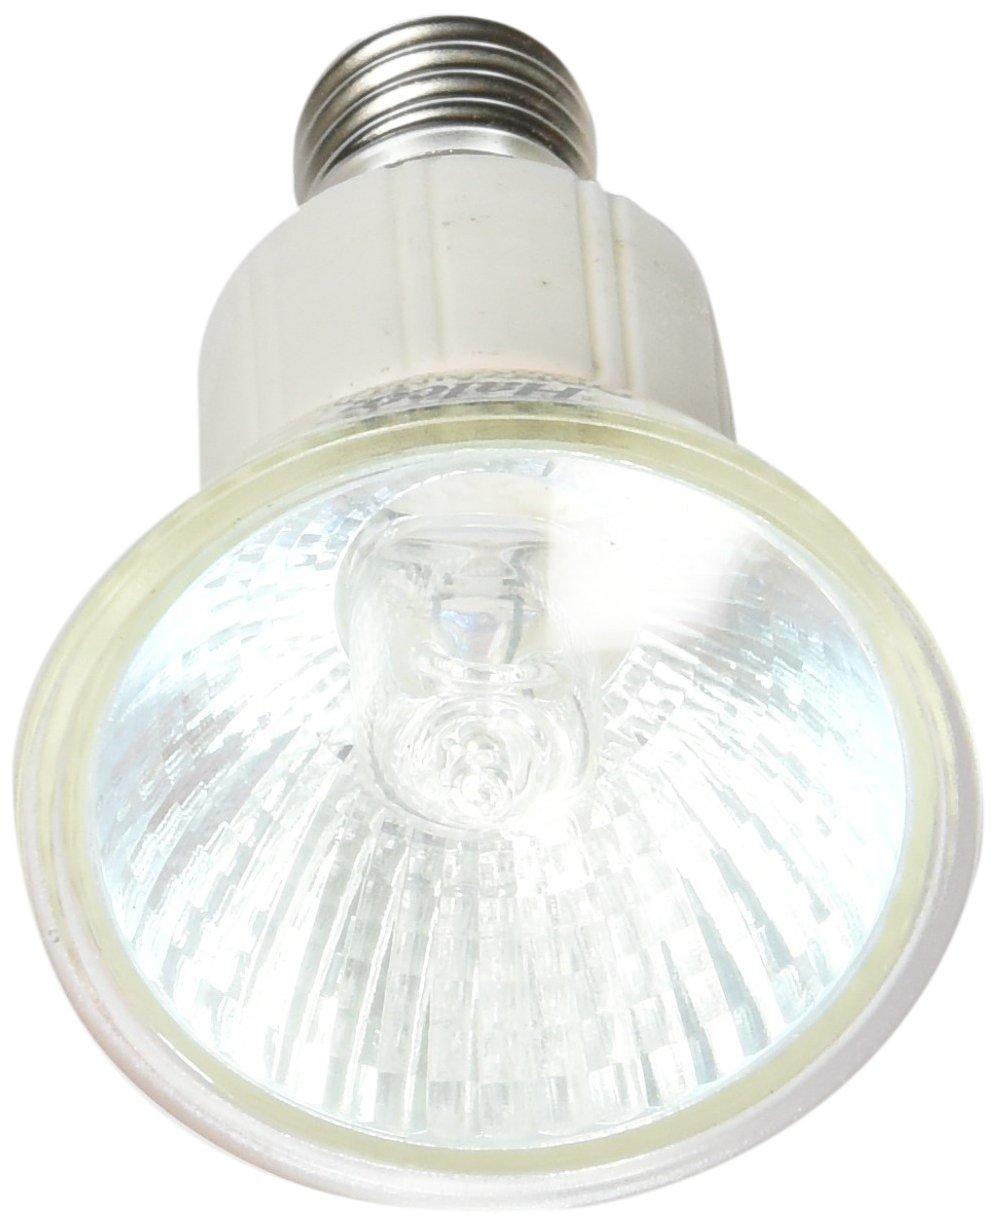 Halco Lighting Technologies JDR75INT L T8U2FR12 850 DIR LED 107056 75W JDR WFL LNS 130V INT Prism